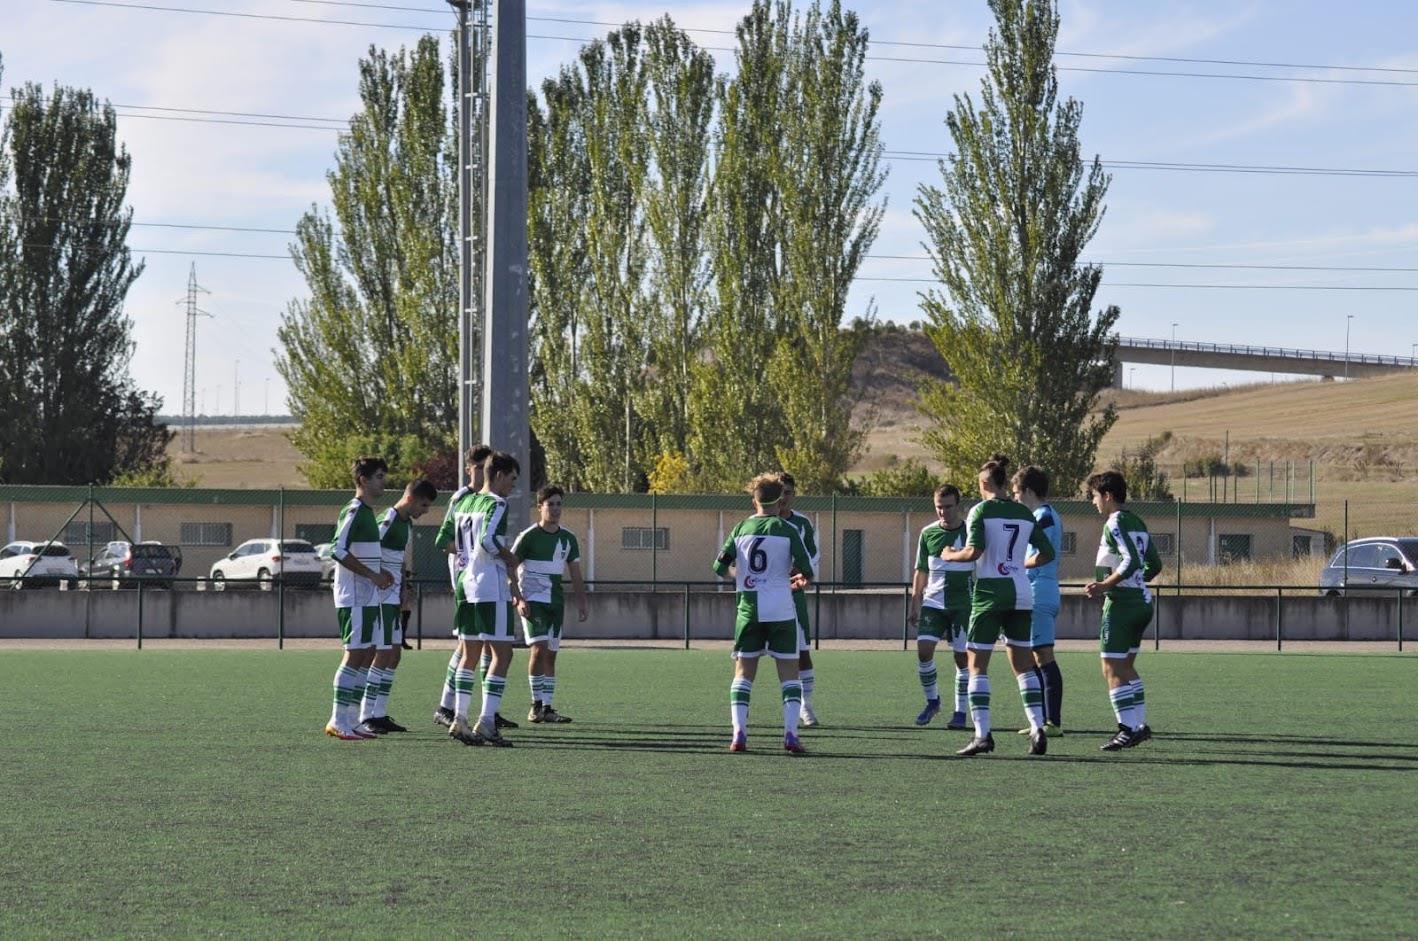 sdsCrónica: CD Juventud 2 - 1 Monteresma - La Atalaya